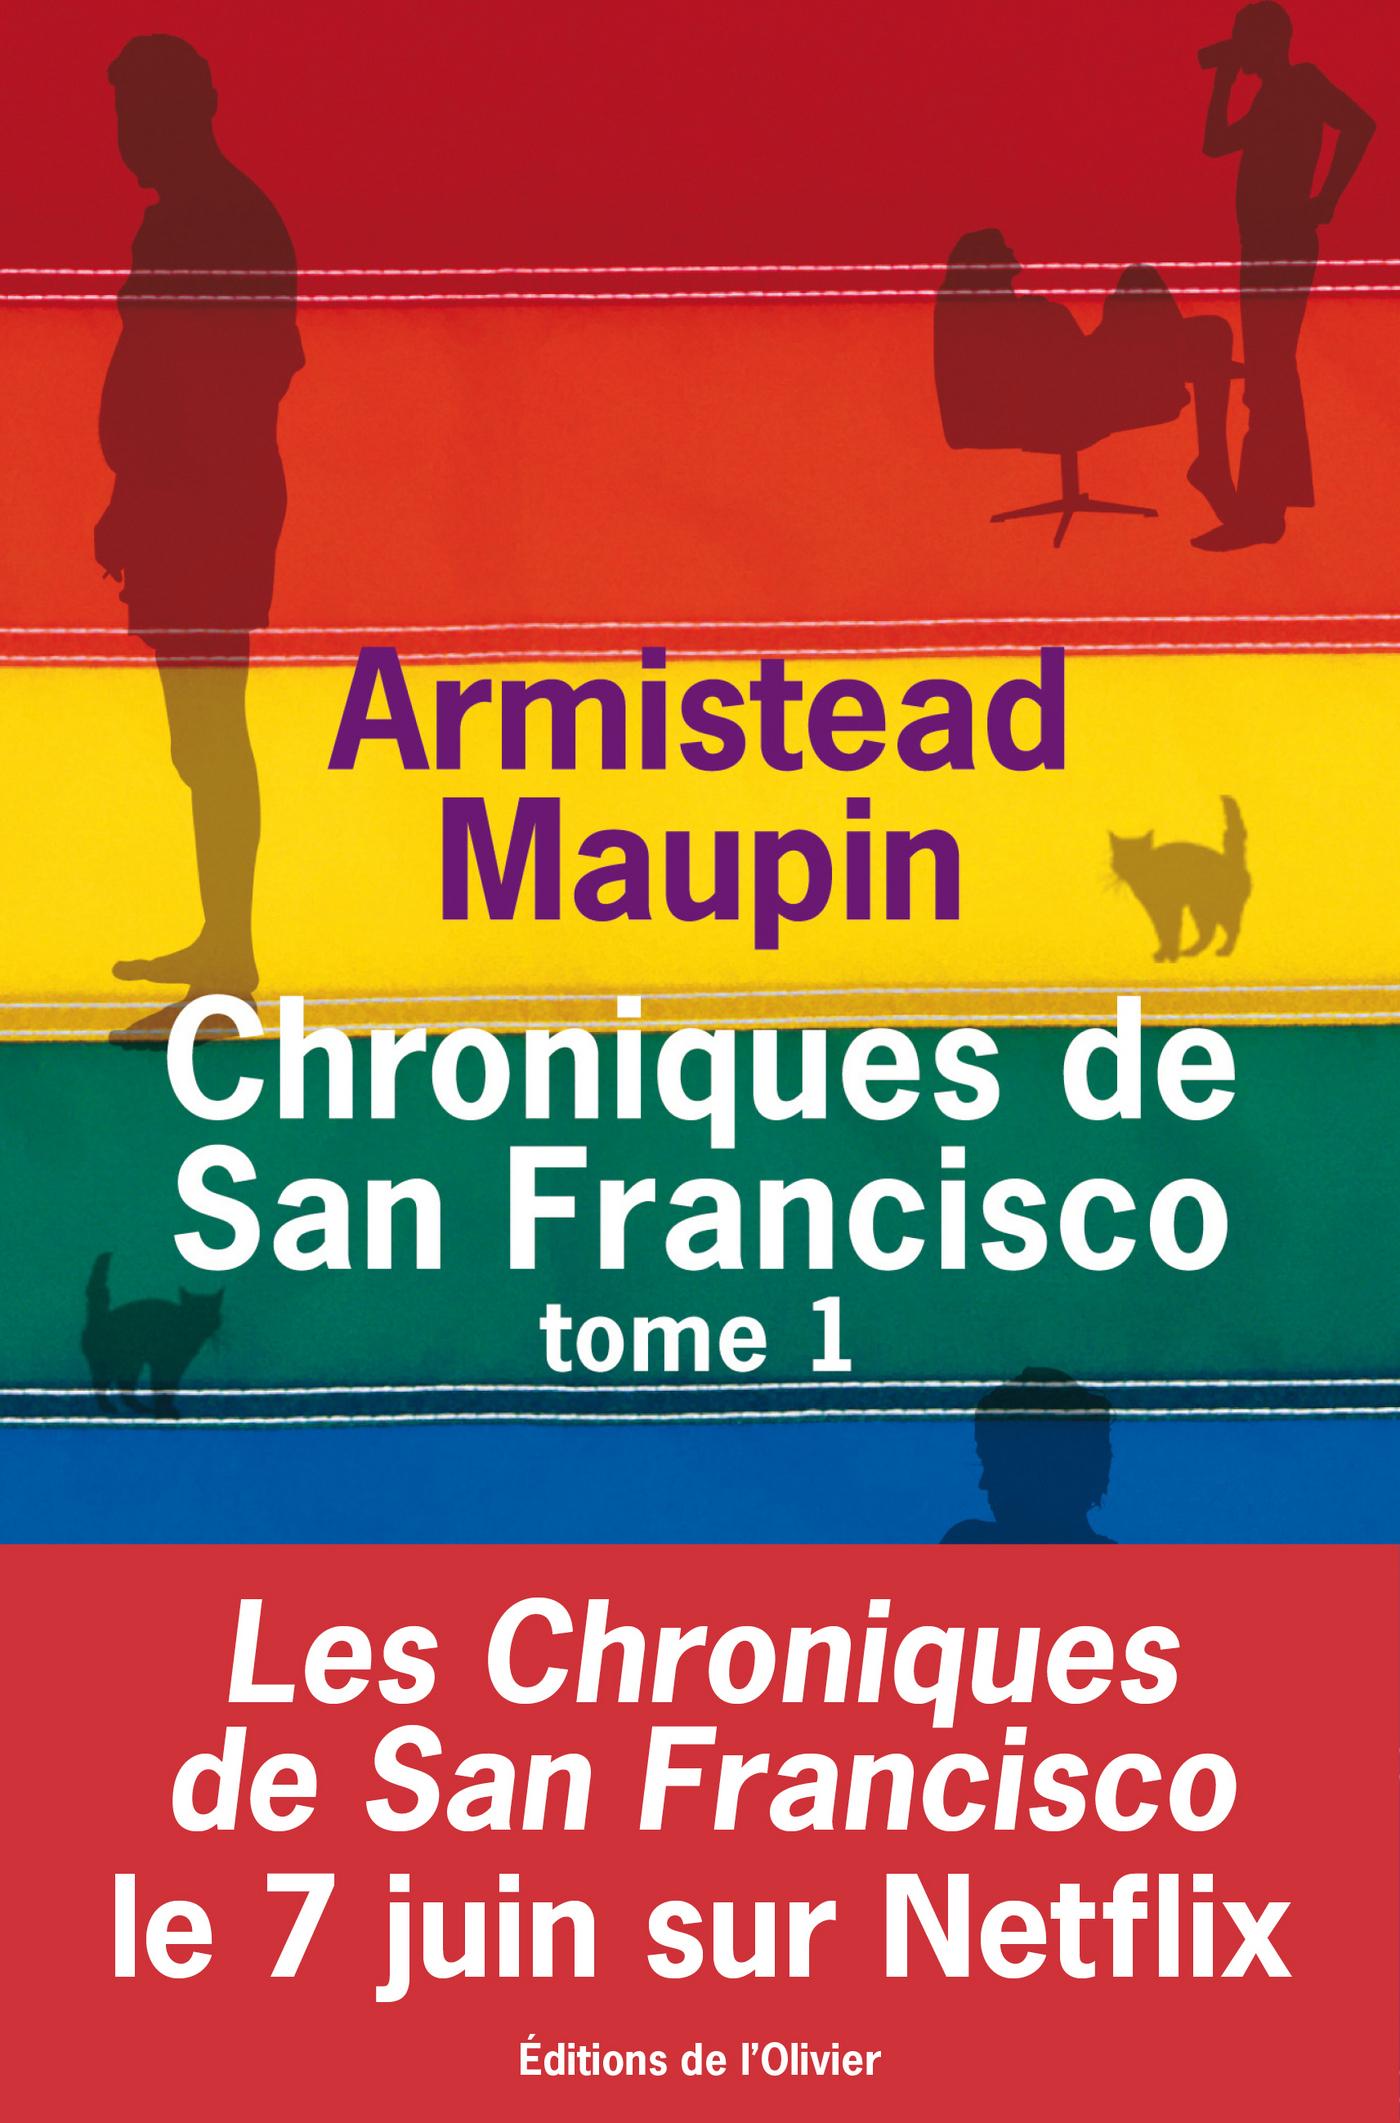 Chroniques de San Francisco - tome 1